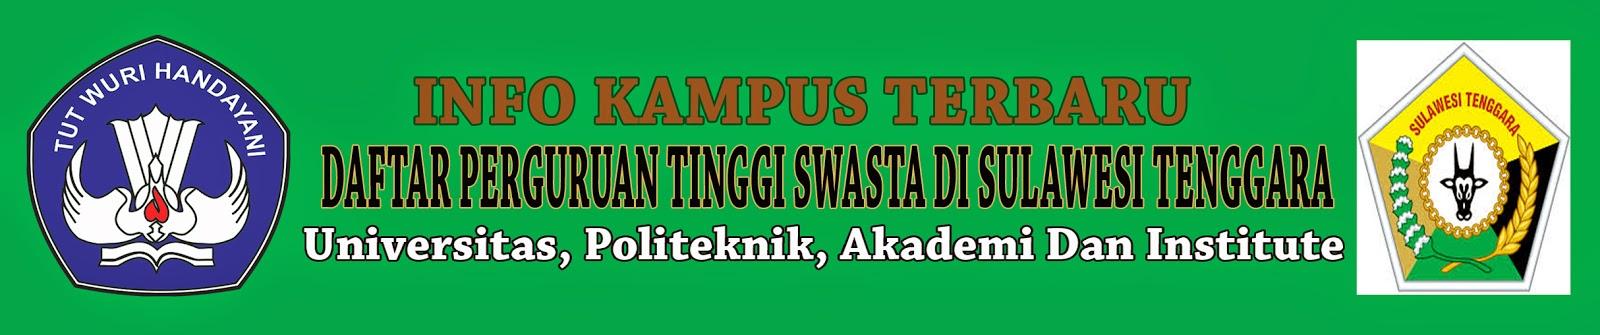 Daftar Perguruan Tinggi Swasta Di Sulawesi Tenggara